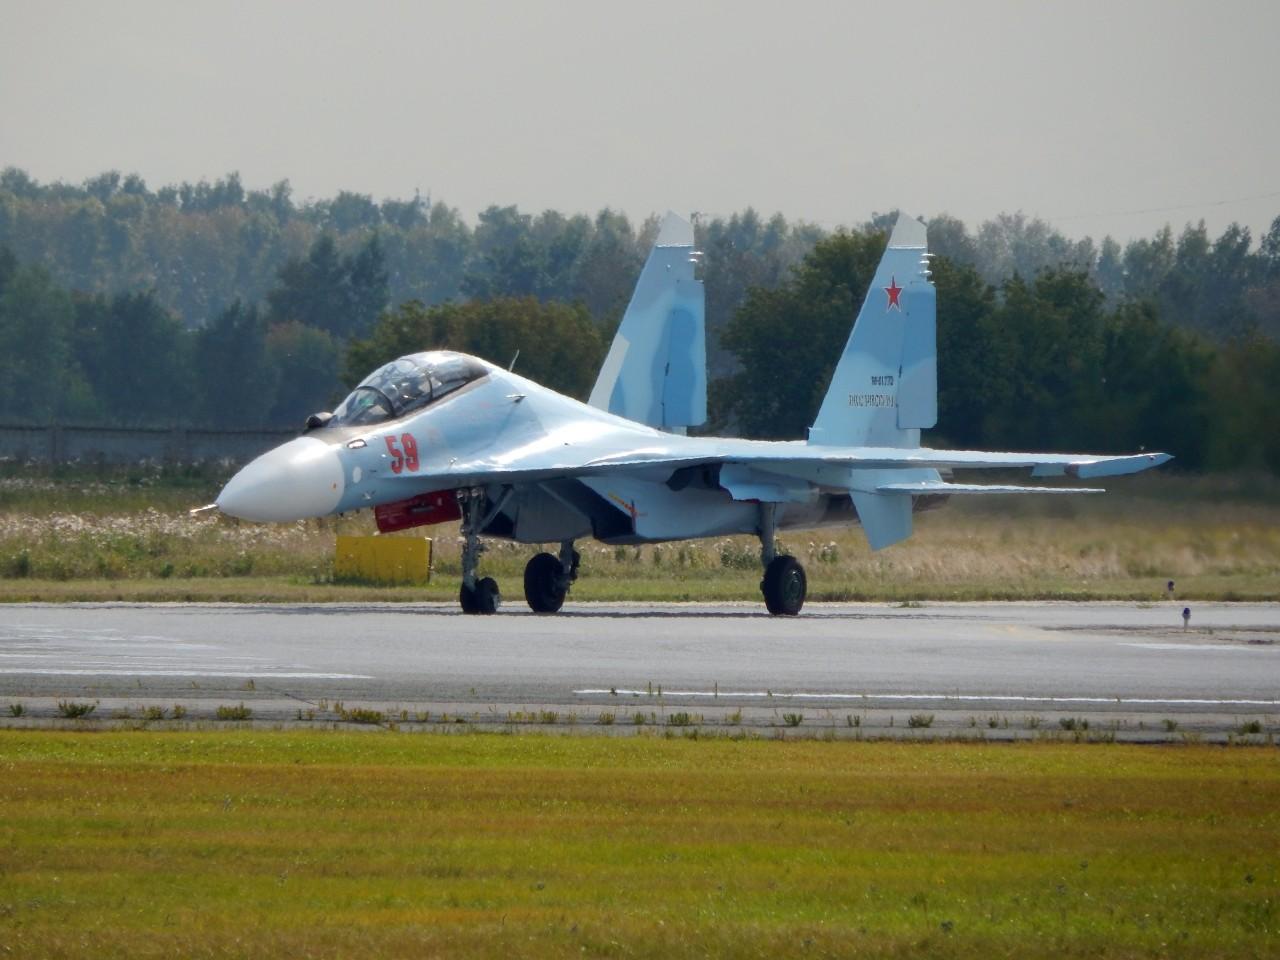 14-й гвардейский истребительный авиационный полк в Курске получил еще четыре истребителя Су-30СМ